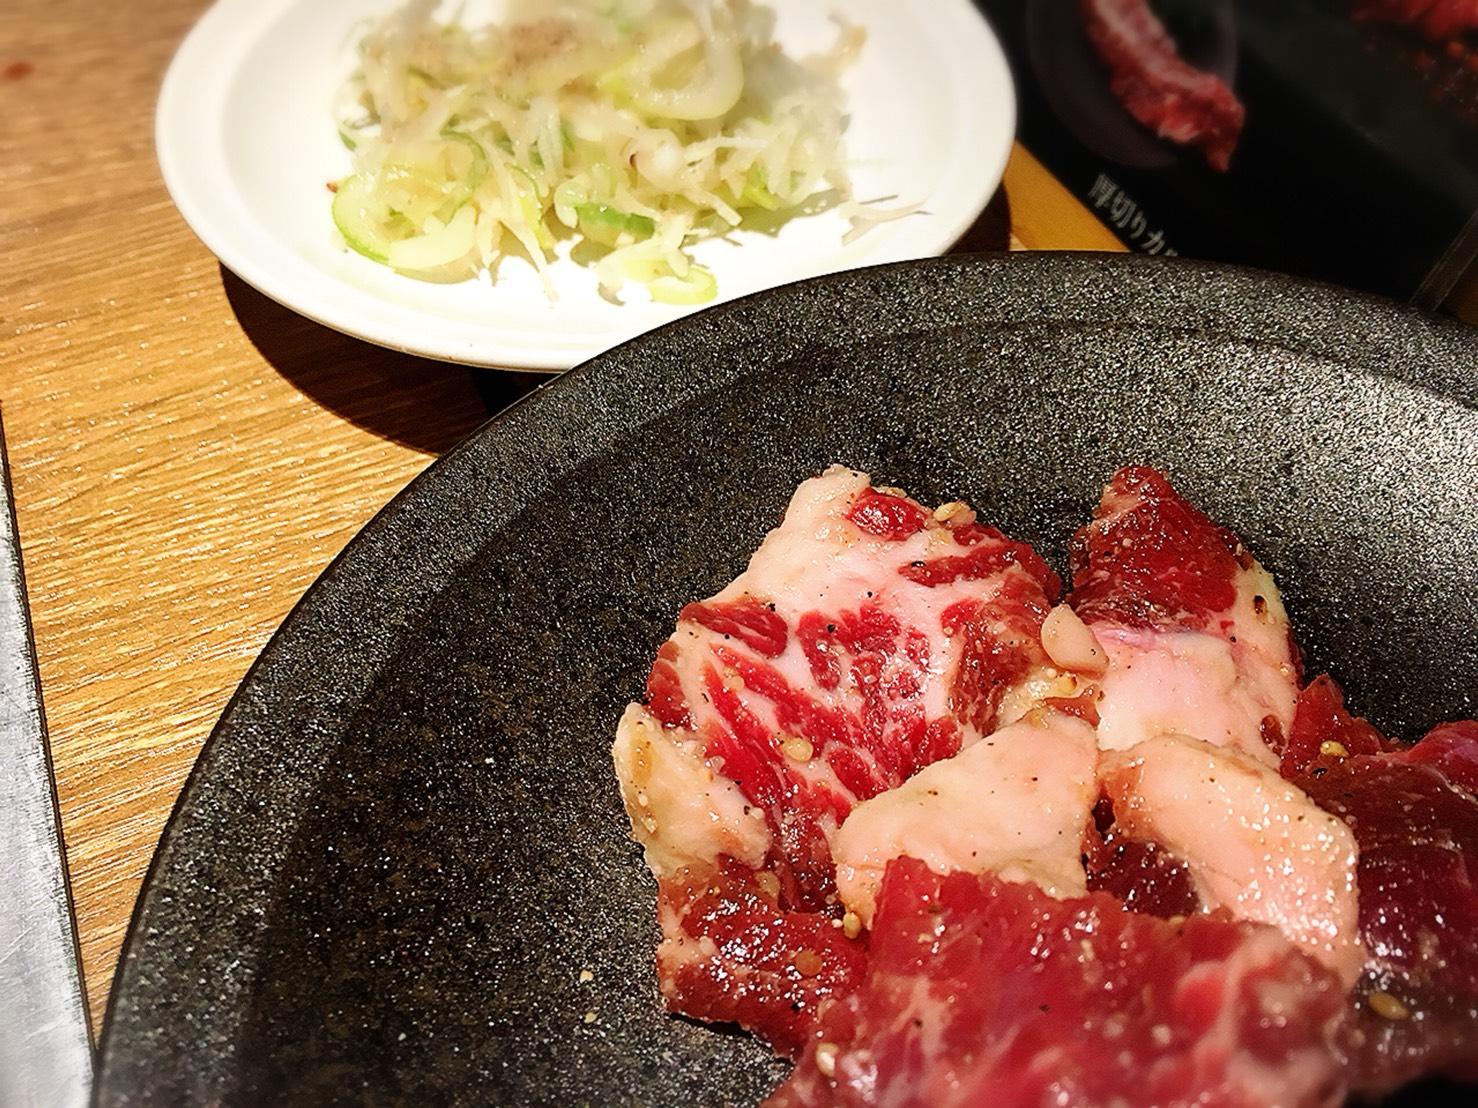 【池袋駅】激おすすめ「焼肉叙庵 サンシャインイン60通り店」のネギ塩カルビ